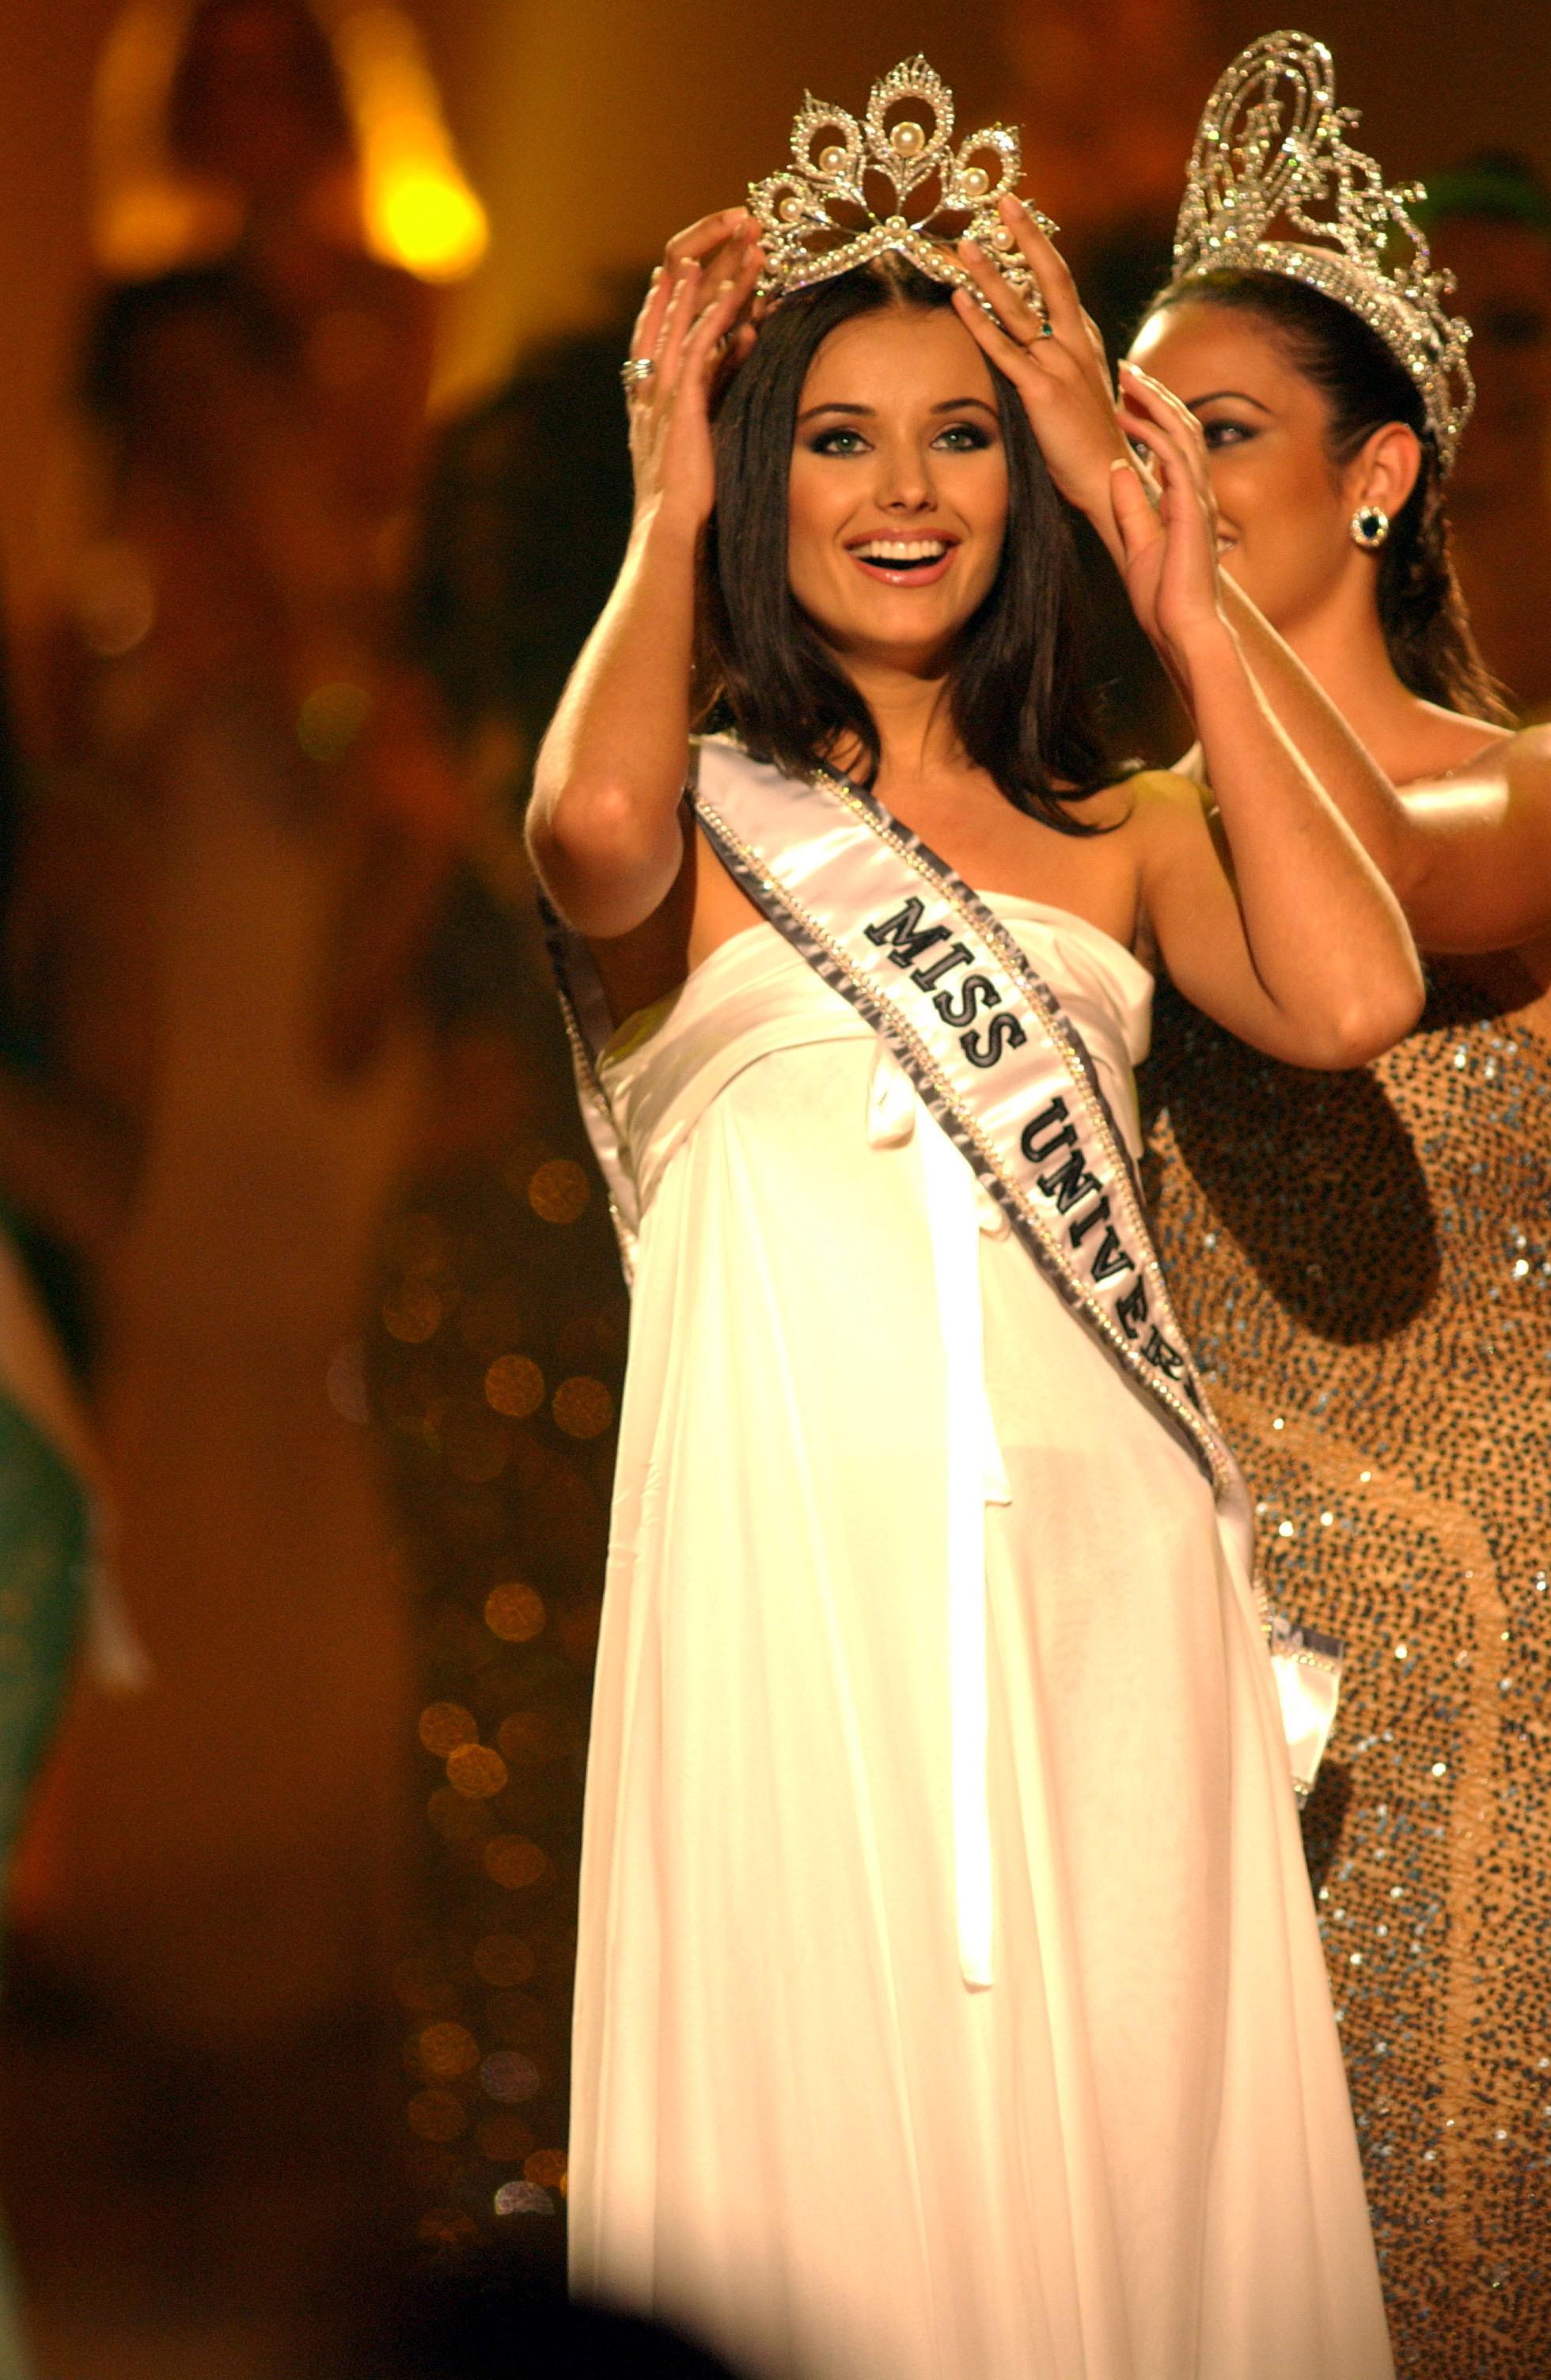 Những quốc gia đang dần đánh mất hào quang tại Hoa hậu Hoàn vũ - Ảnh 7.